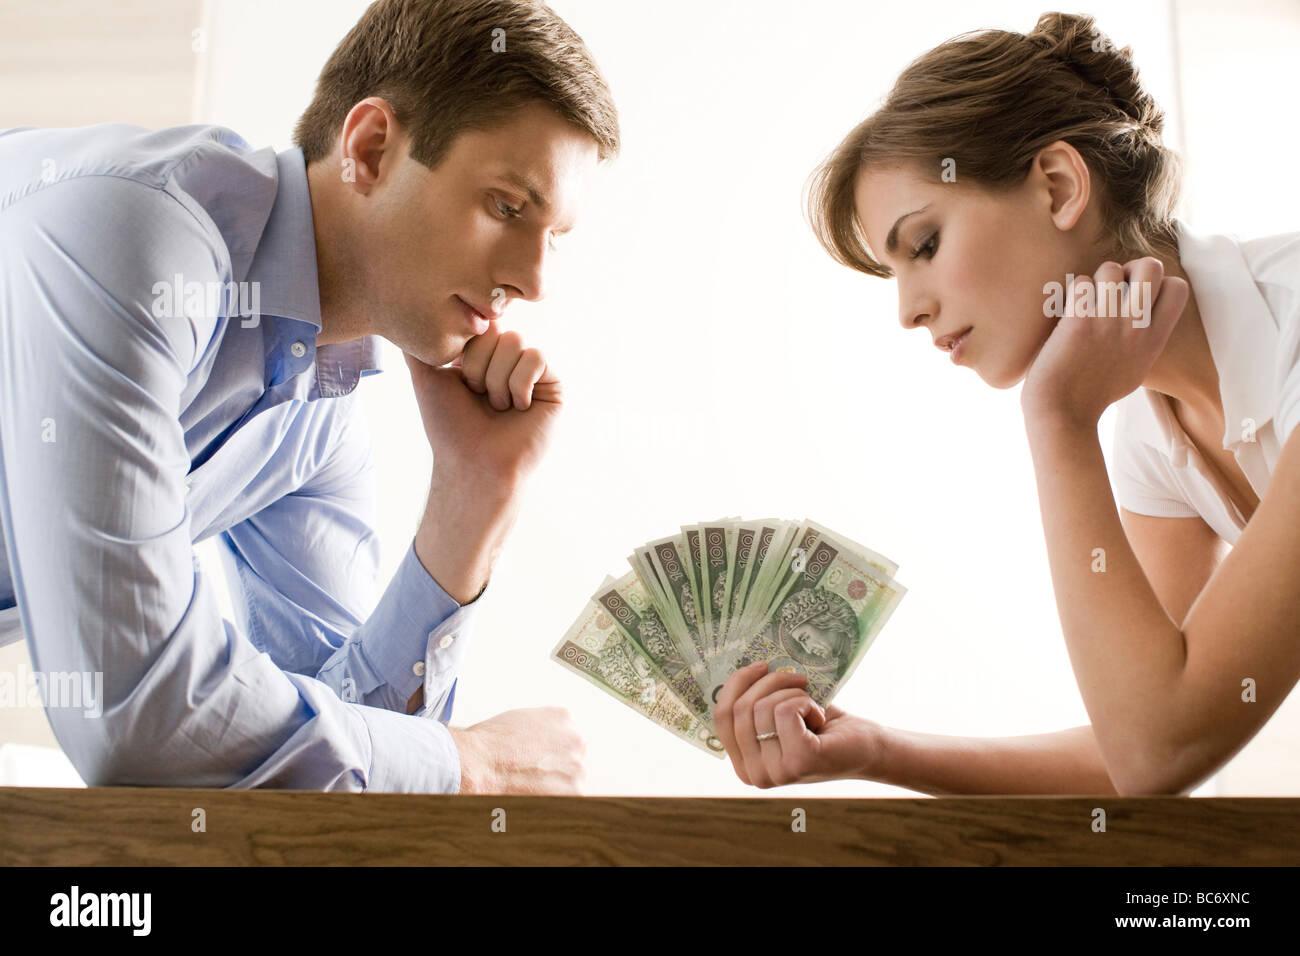 деньги займ семей